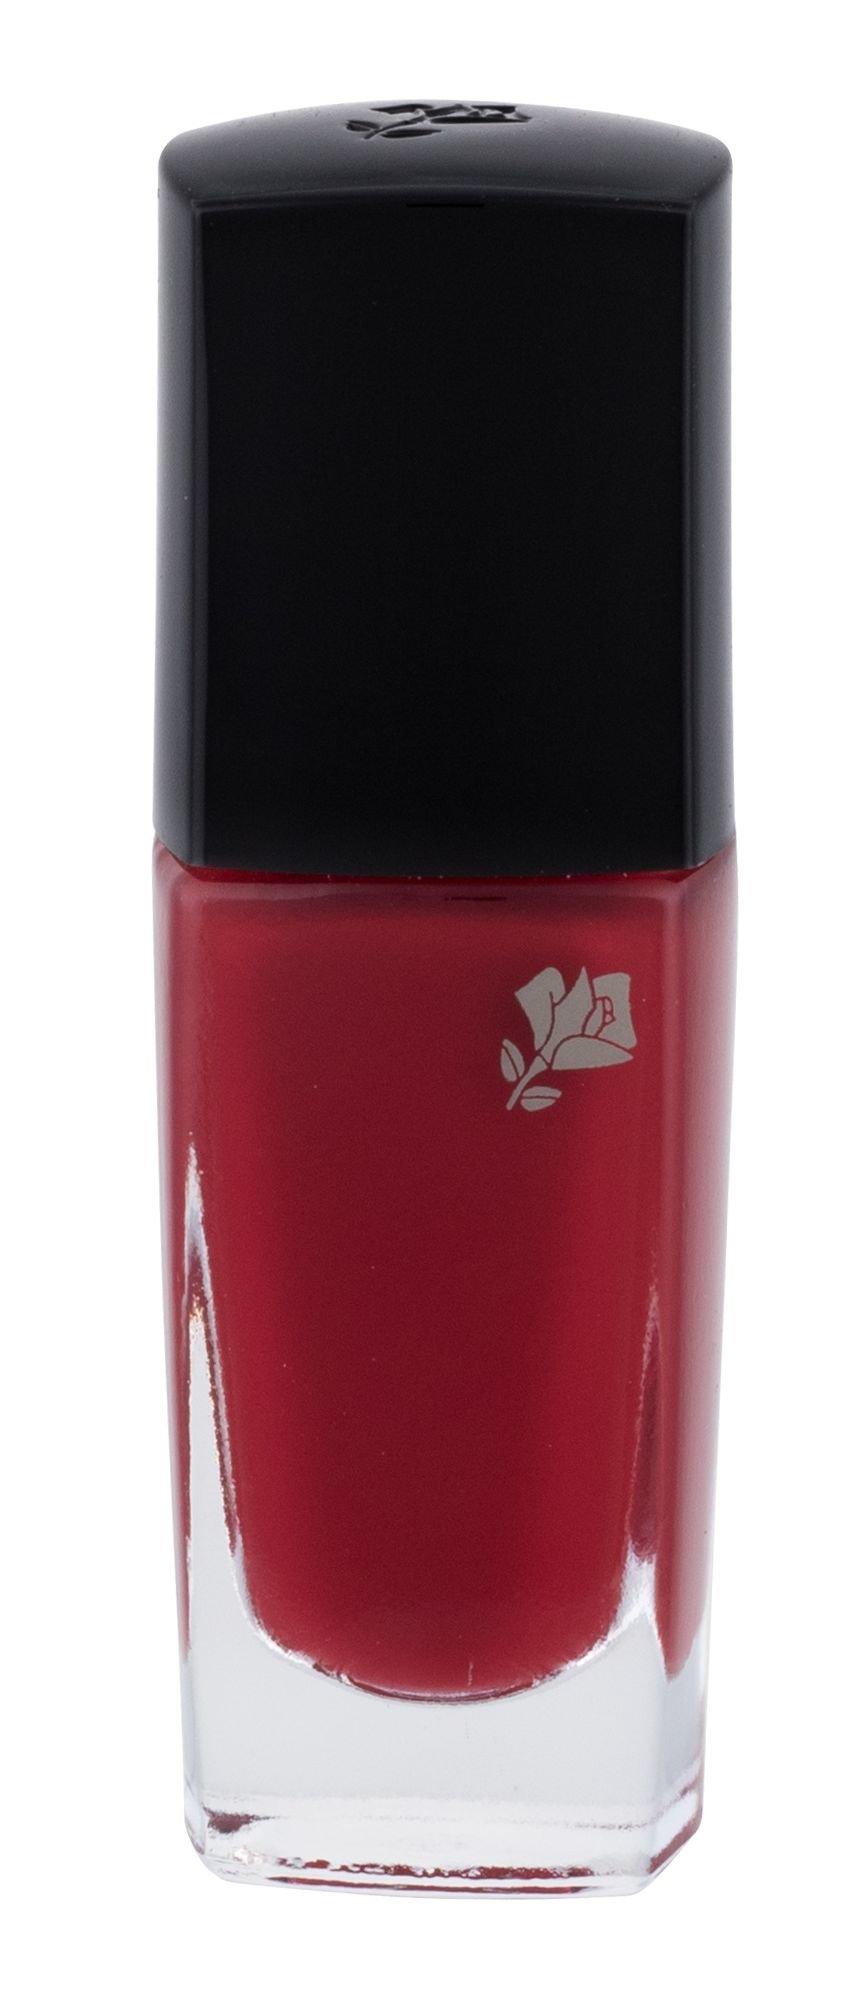 Lancôme Vernis In Love Cosmetic 6ml 179M